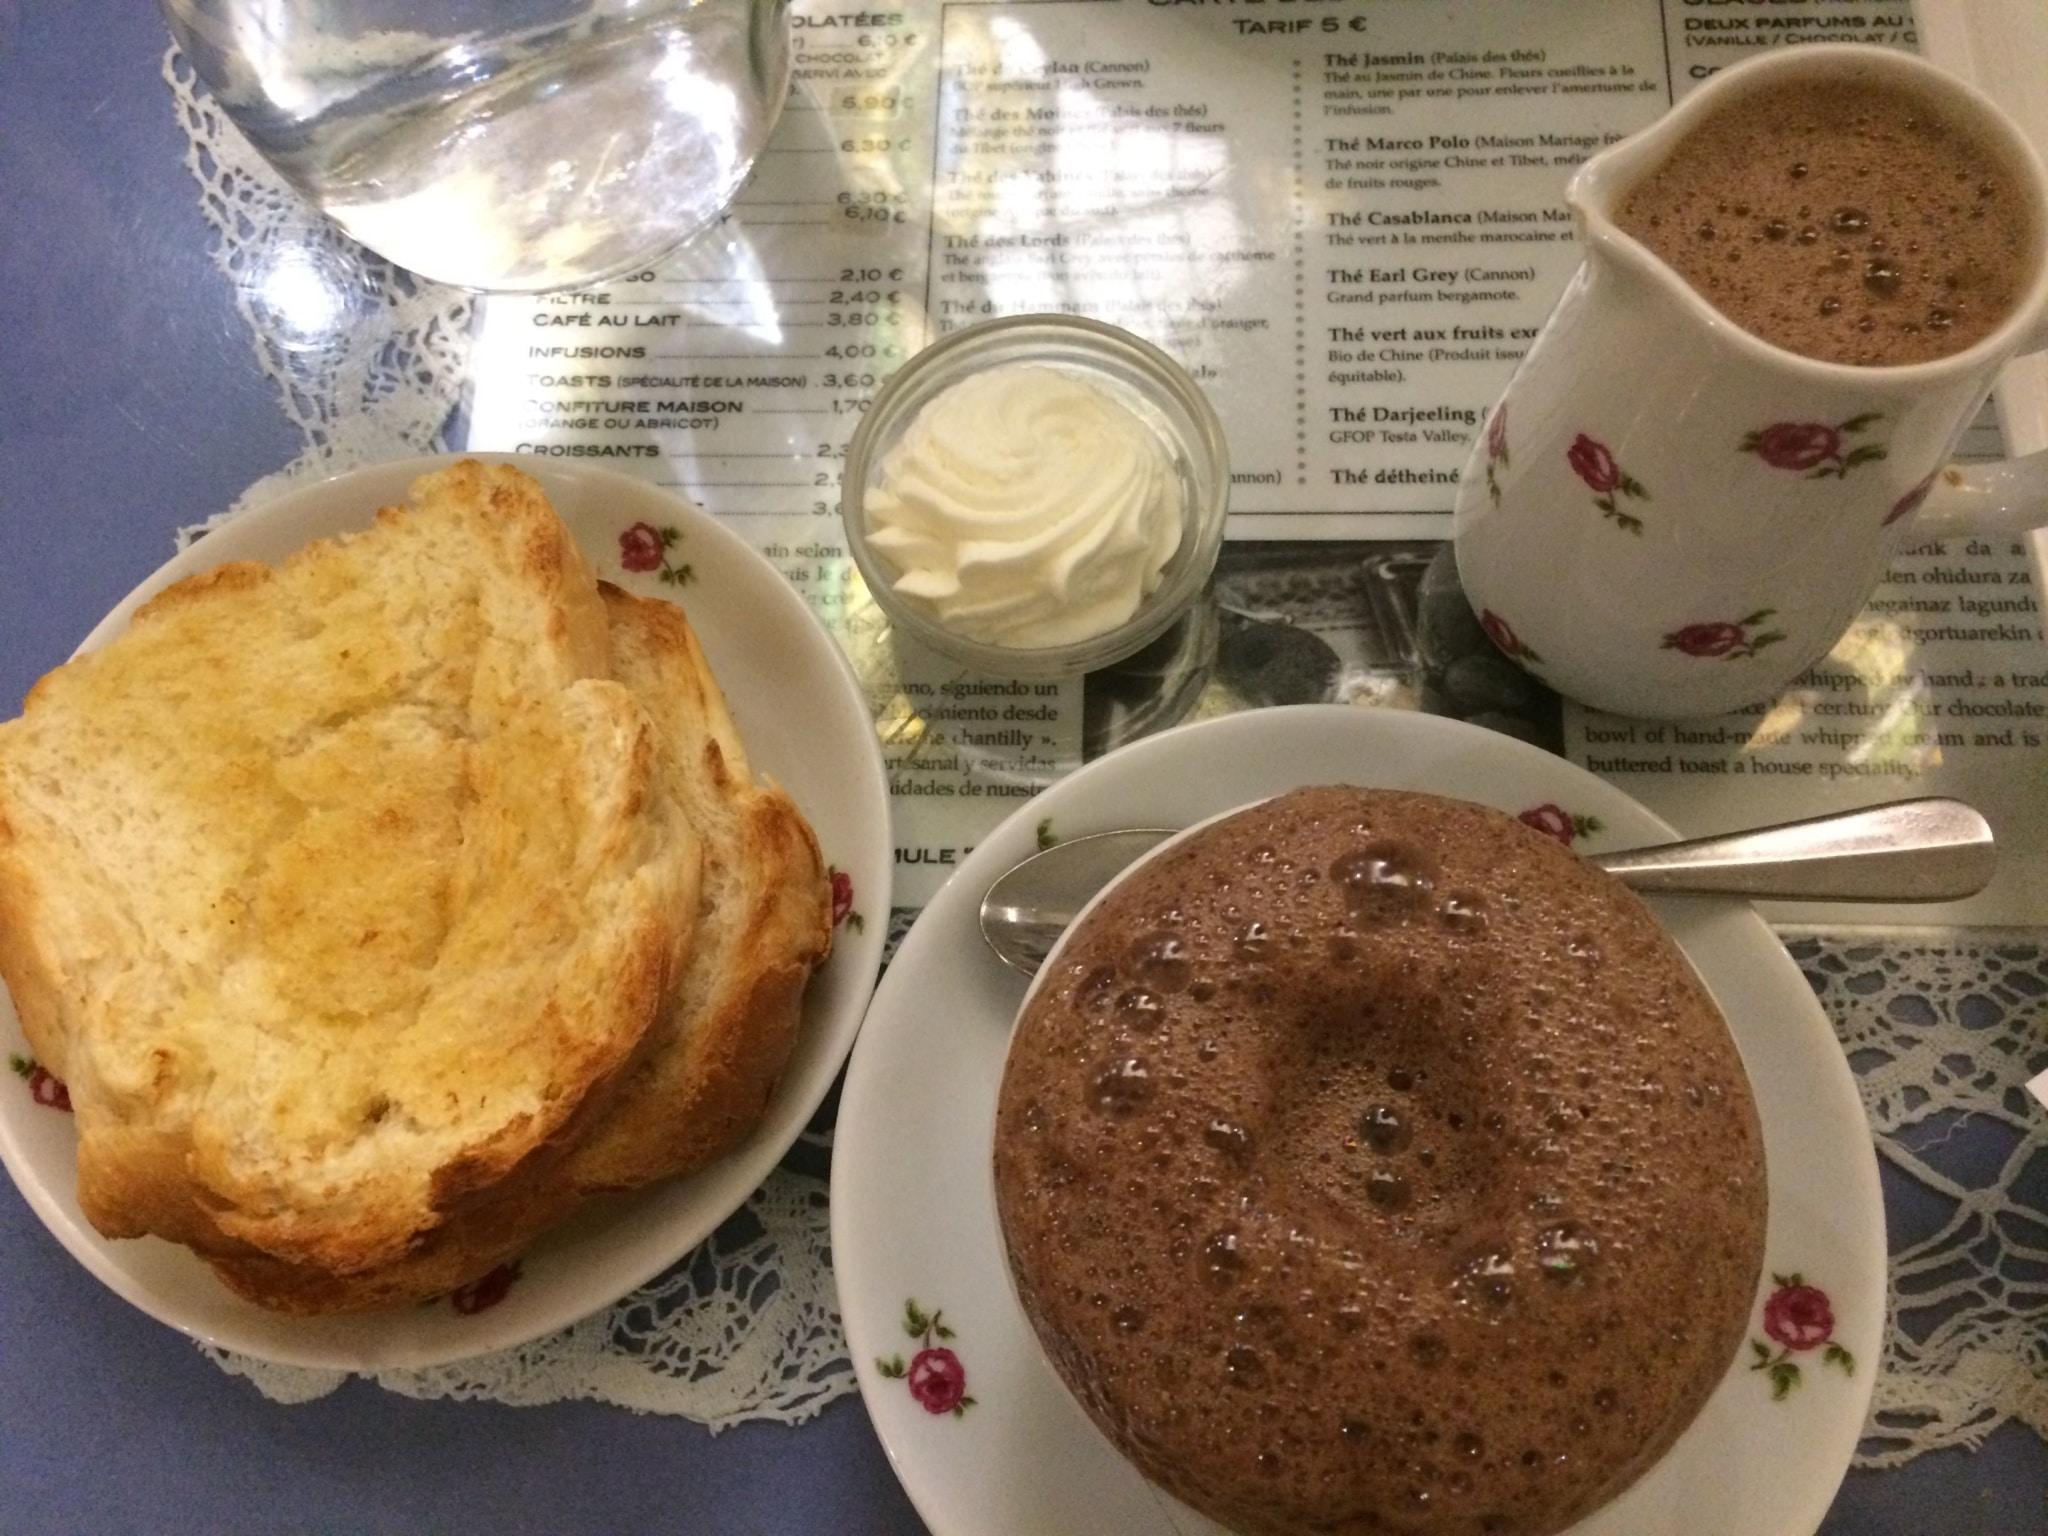 sejour-culture-gastronomie-paysbasque-bayonne-Bayonne chocolat chaud Cazenave ©CDT64-A.Salaun